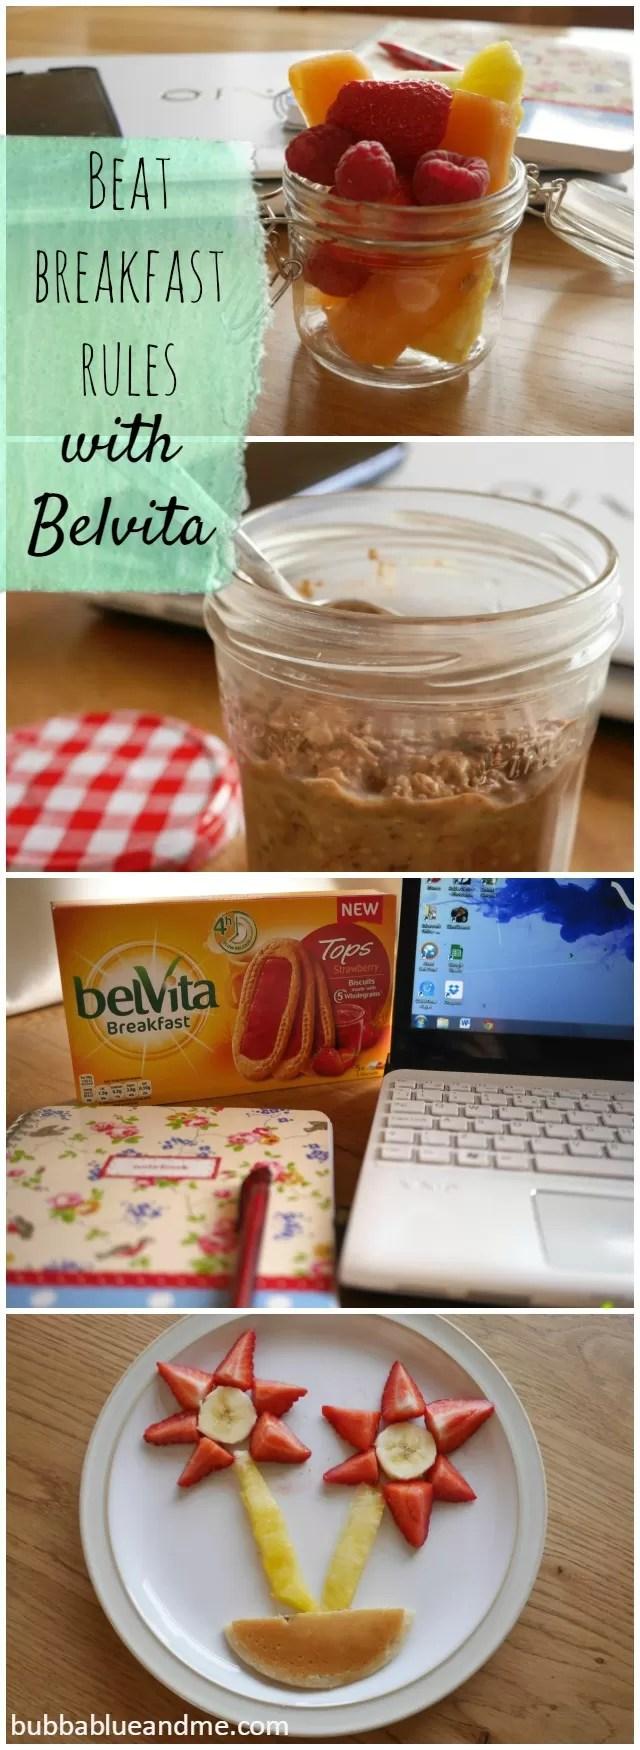 Belvita breakfast rule breaking - Bubbablueandme